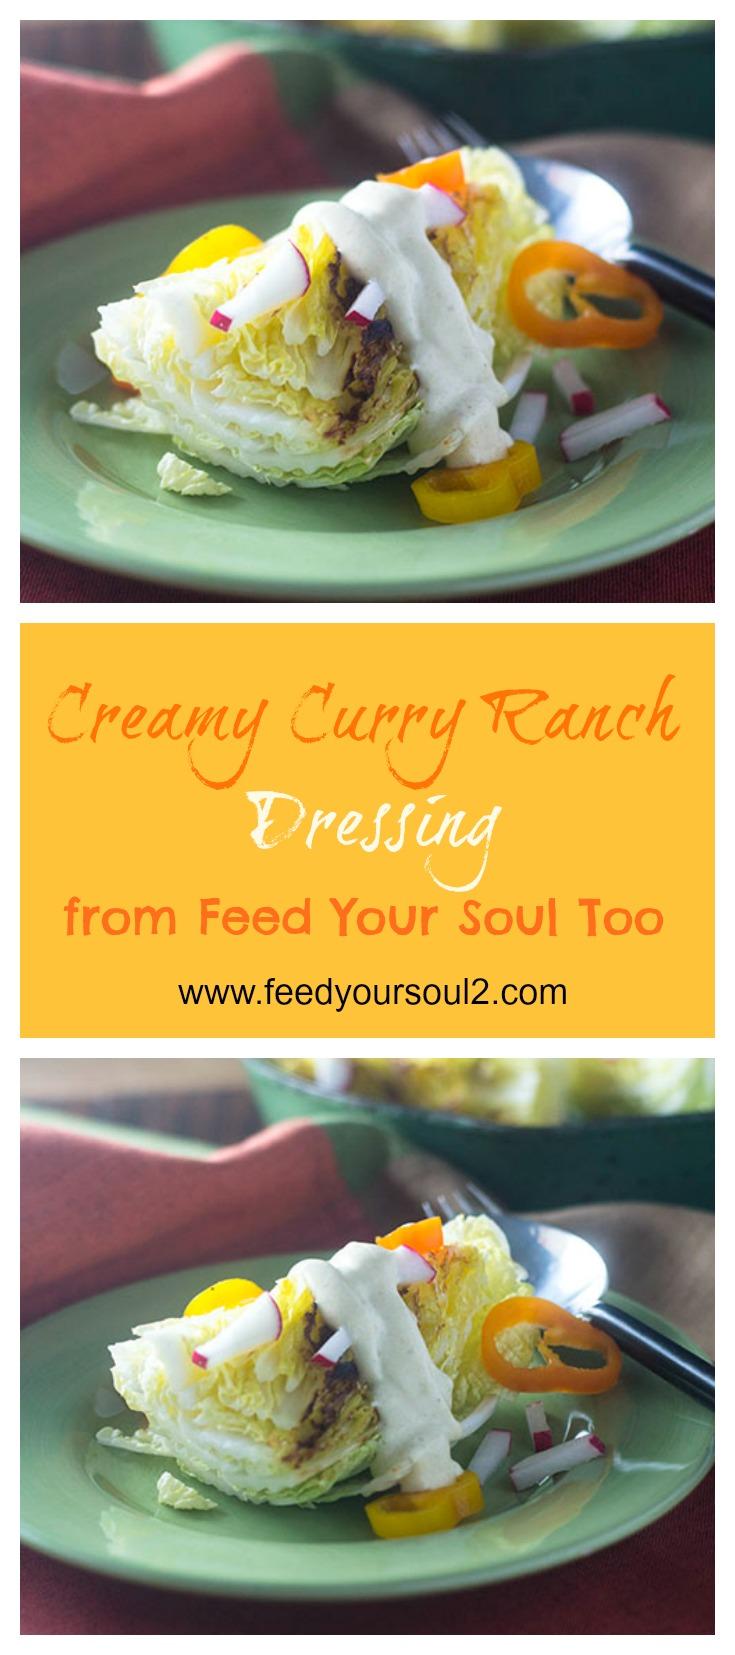 Creamy Curry Ranch Dressing #sidedish #indianfood #dressing #fatfree | feedyoursoul2.com